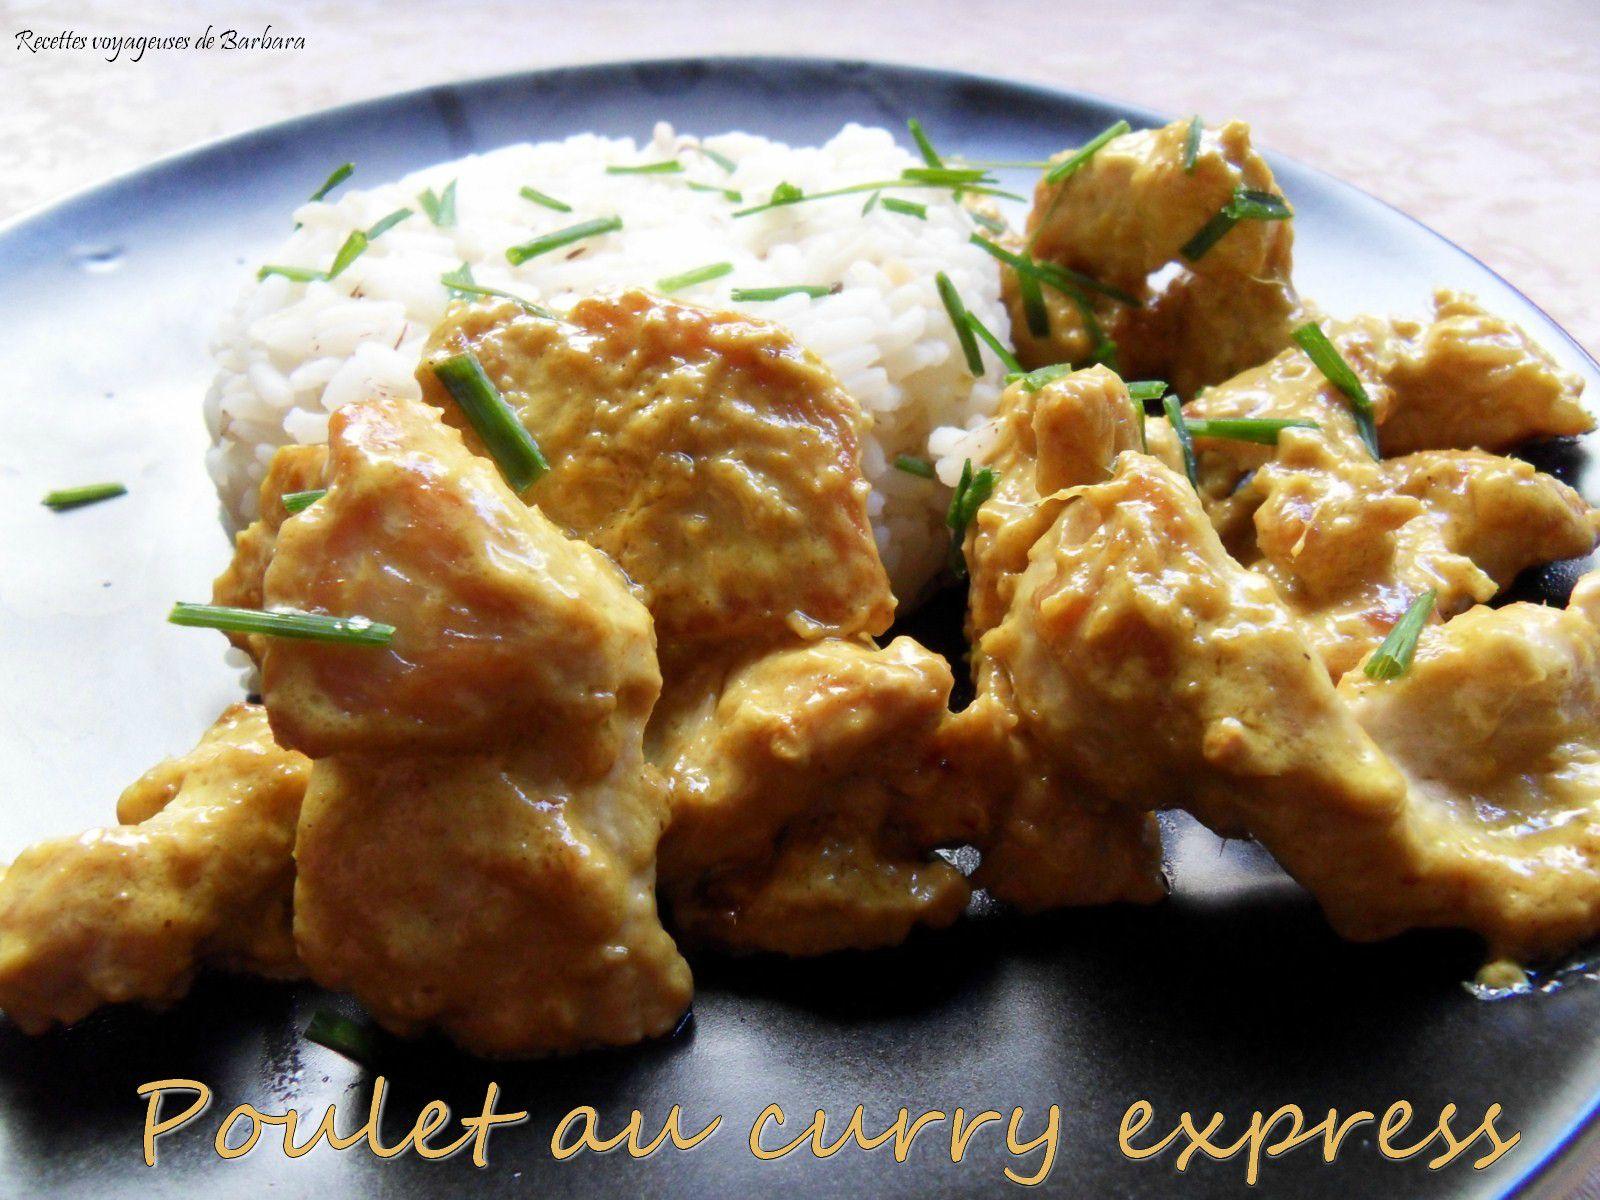 poulet au curry express1